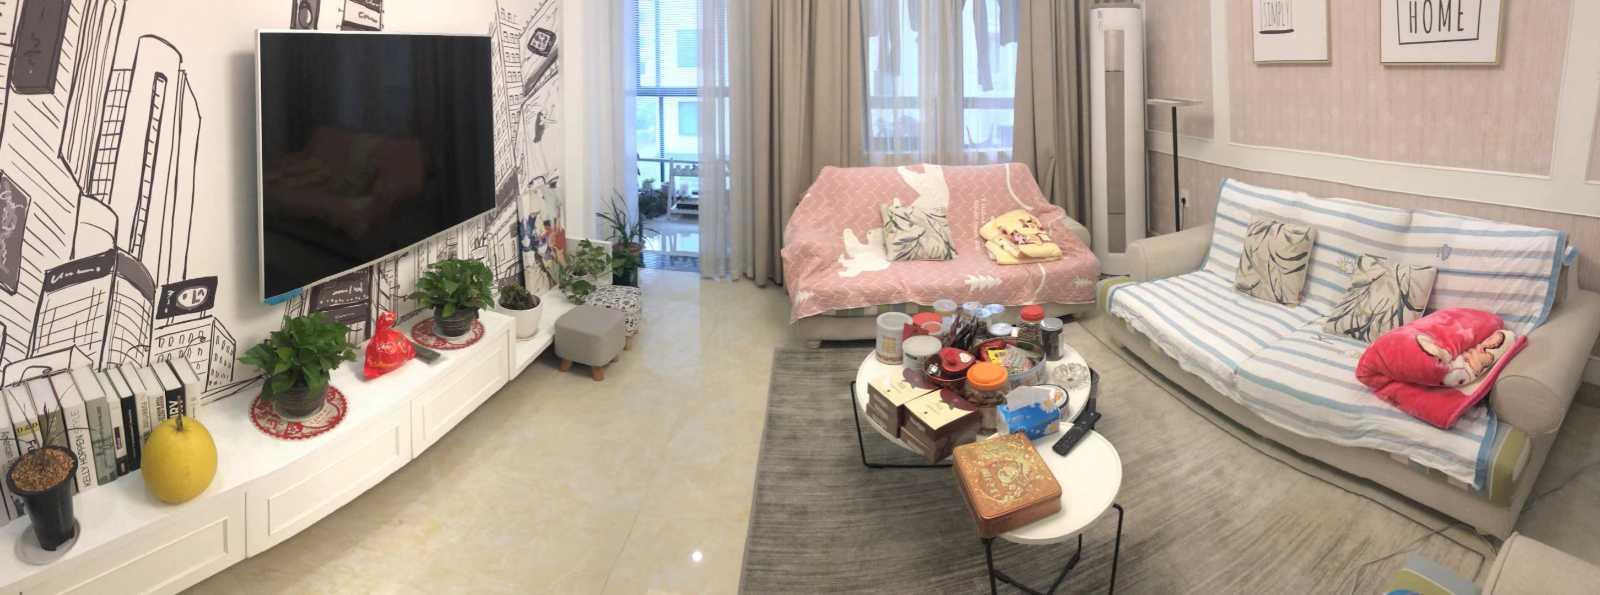 A11202出售甘霖剡溪雅苑3/6楼,约124平方,三室二厅二卫,南北通透,精装修房(家具名牌,装修约40万),售价99.8万!的实拍照片